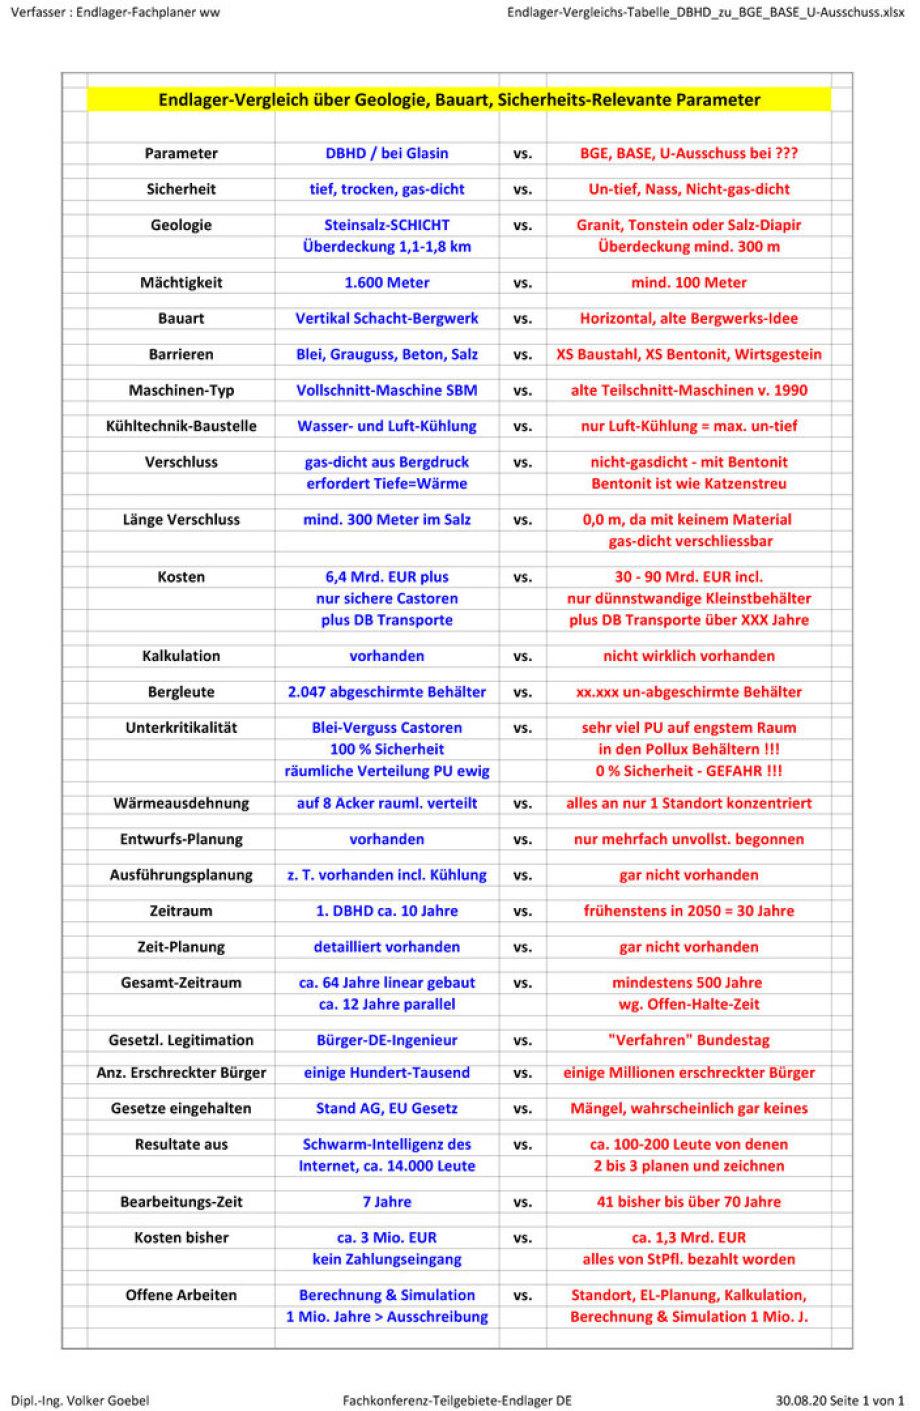 Endlager-Vergleich DBHD versus BGE/BASE